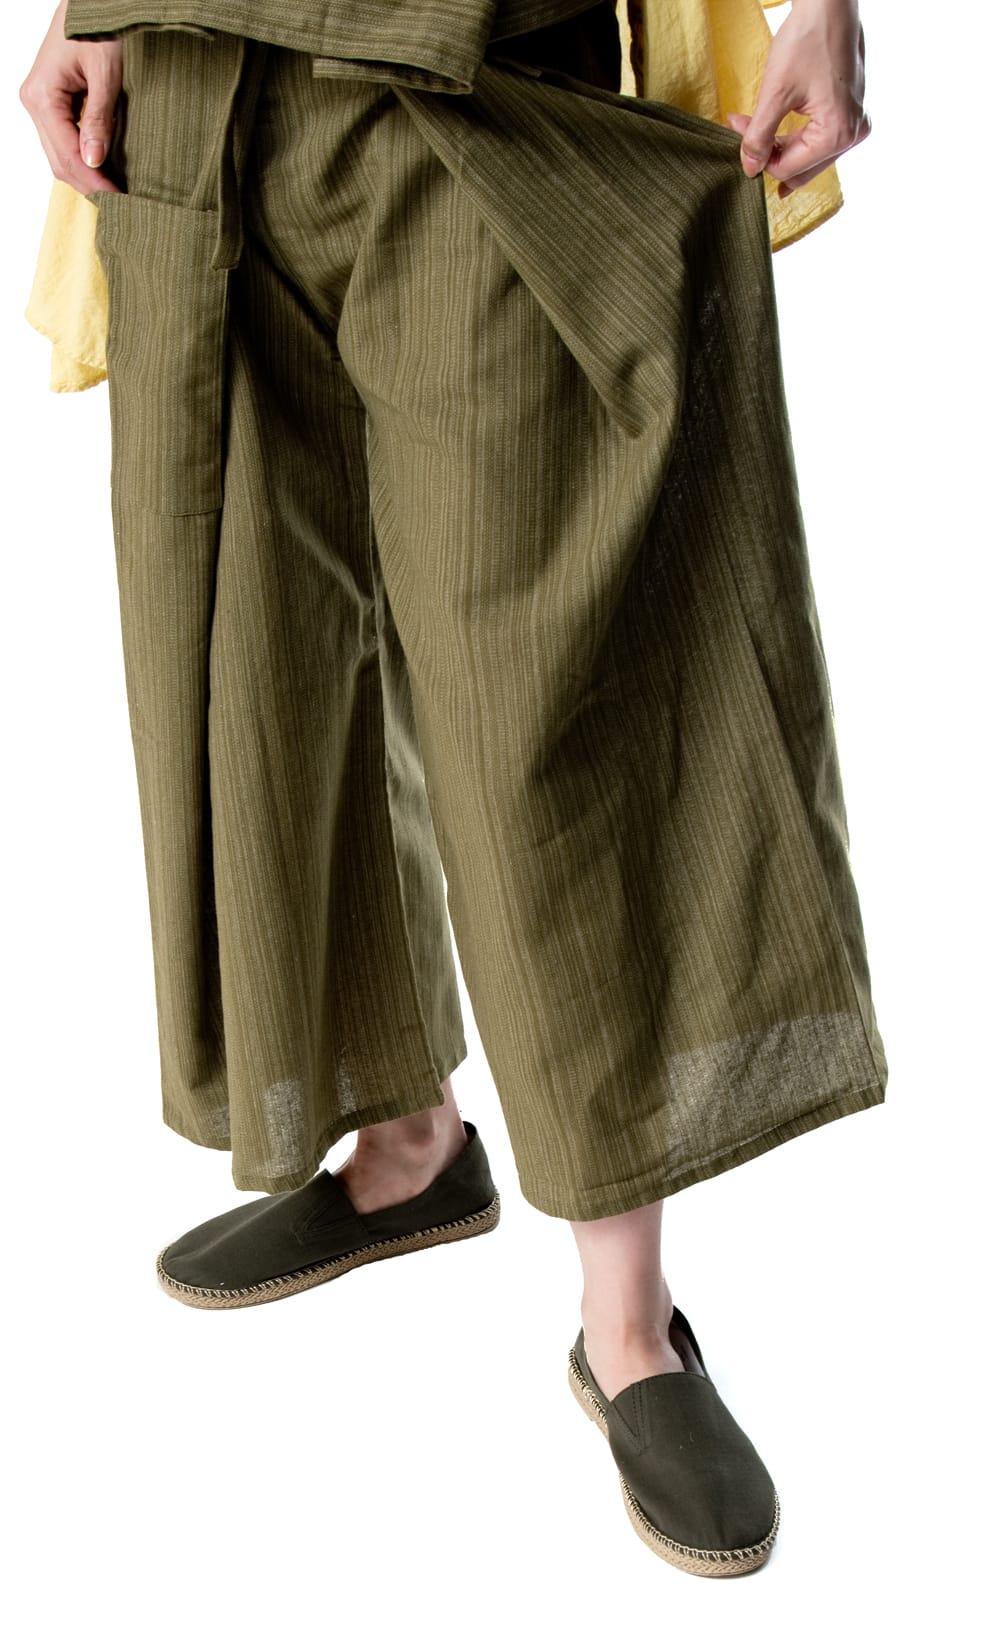 ストライプ織りのコットンタイパンツ 7 - 脚さばきもよく歩きやすいです。